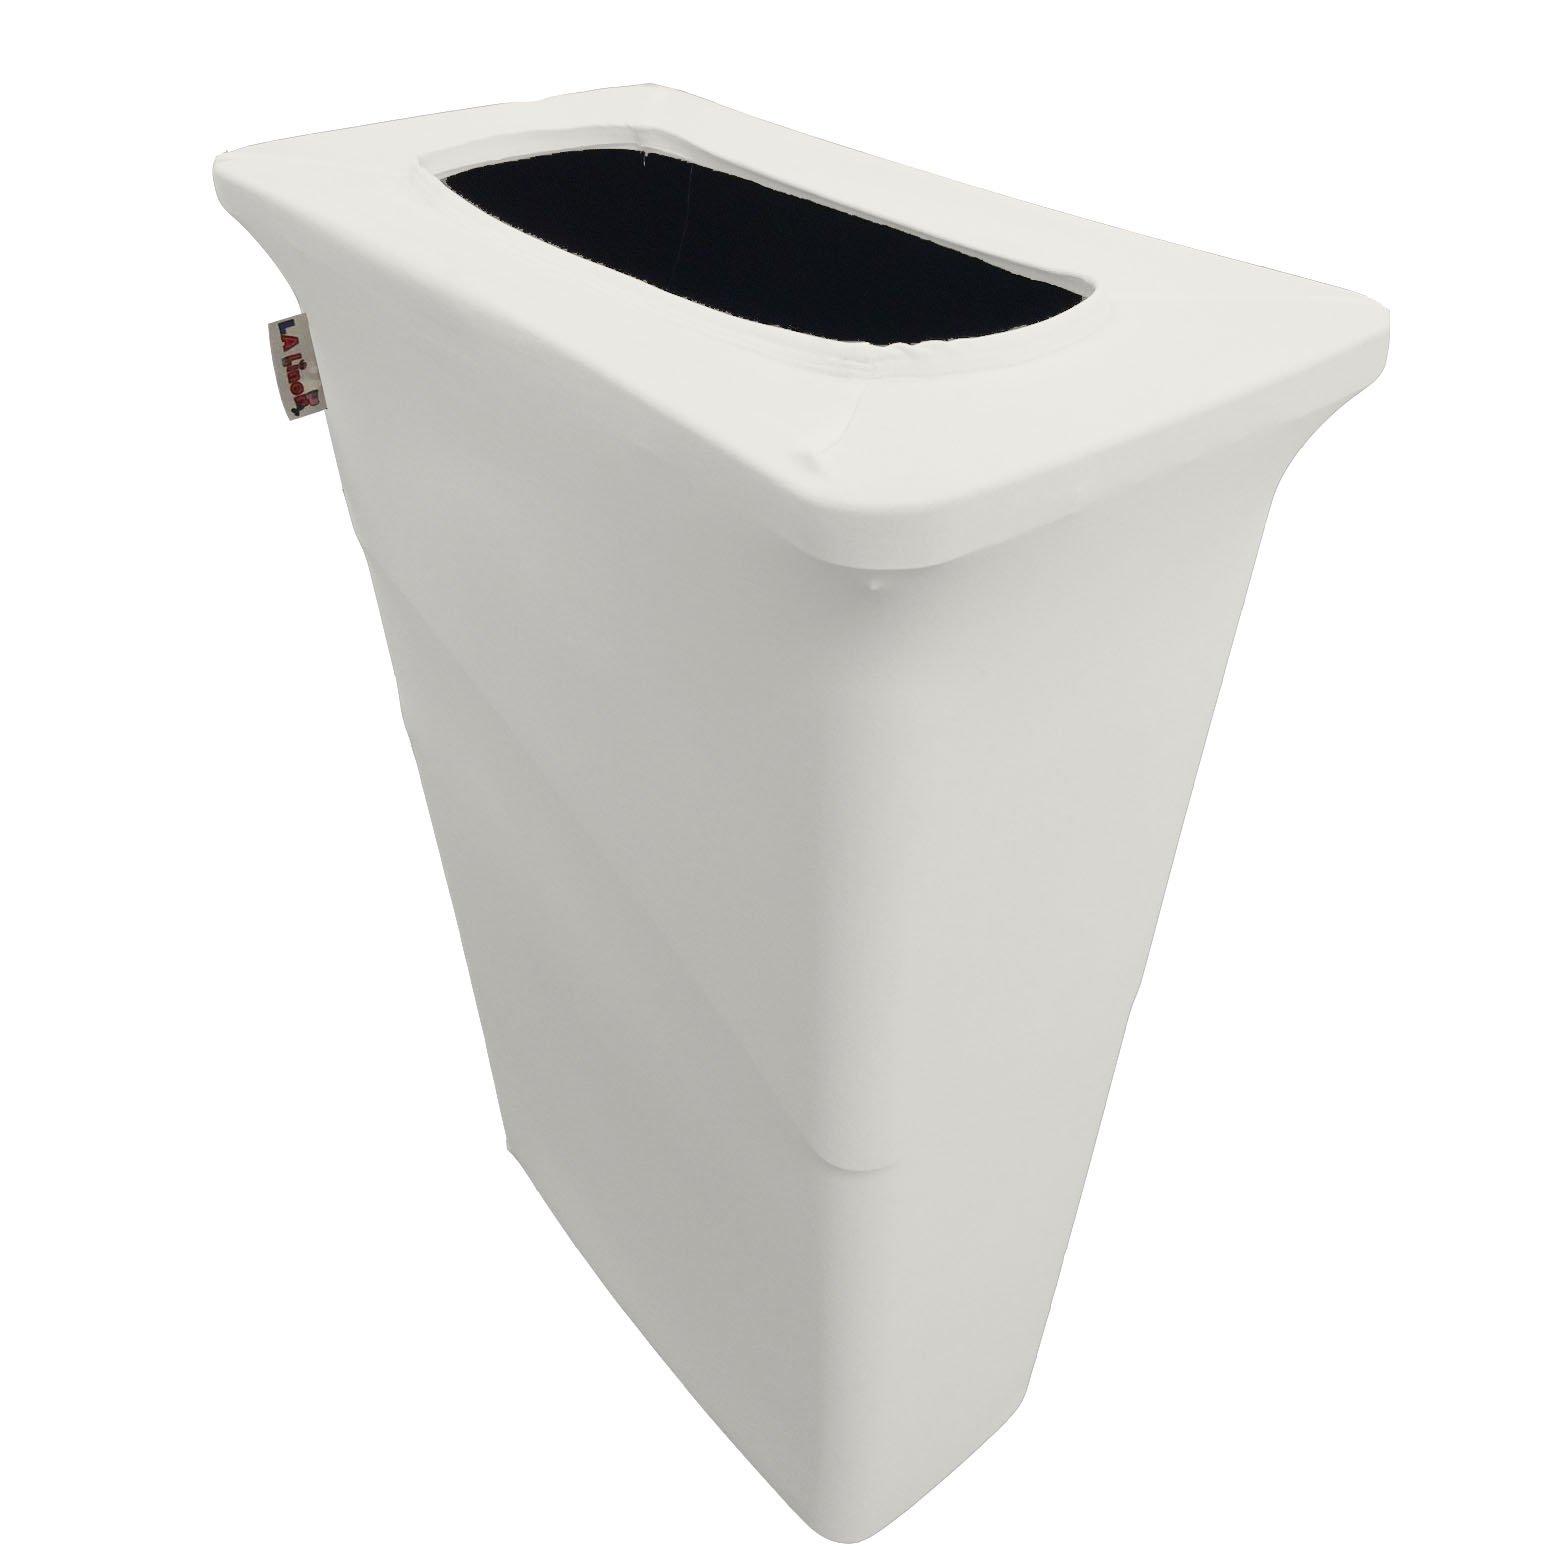 LA Linen Stretch Spandex Trash Can Cover for Slim Jim 23-Gallon, White by LA Linen